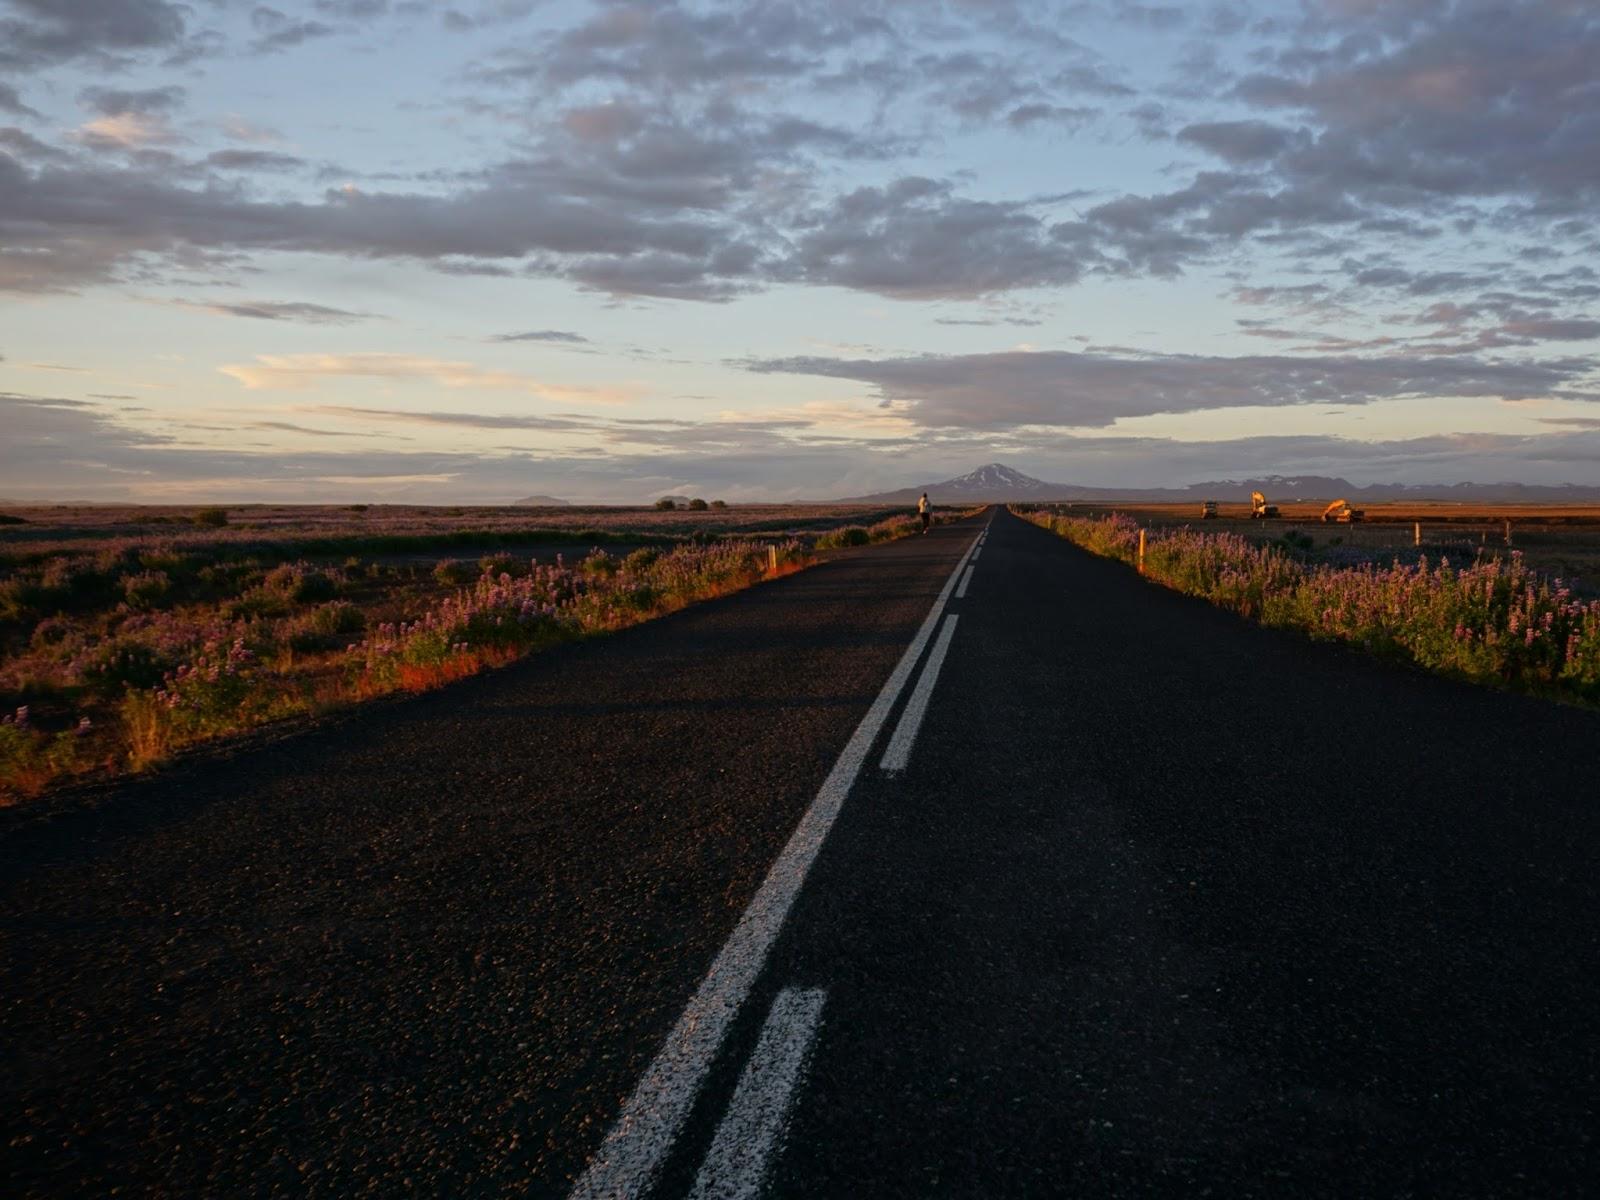 islandzka droga, Islandia, droga, południowa Islandia, szosa na Islandii, islandzkie drogi